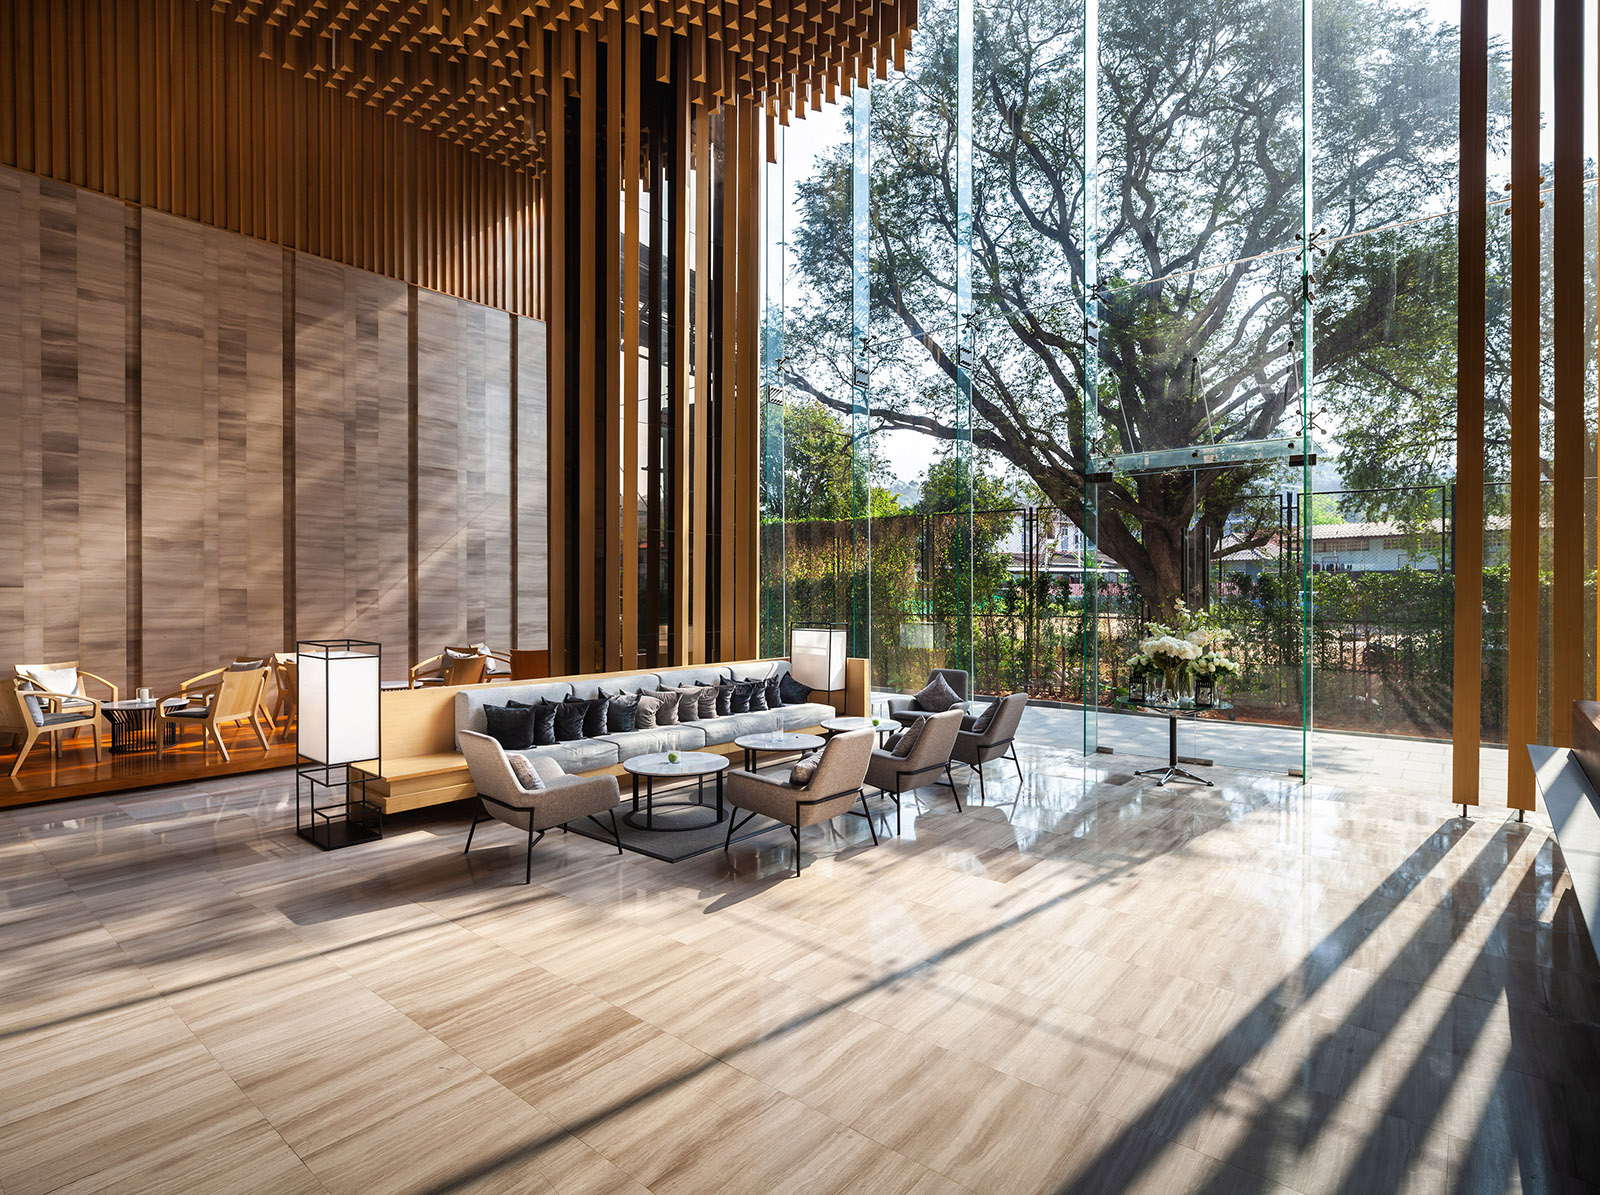 Tendencias en diseño y arquitectura para 2021